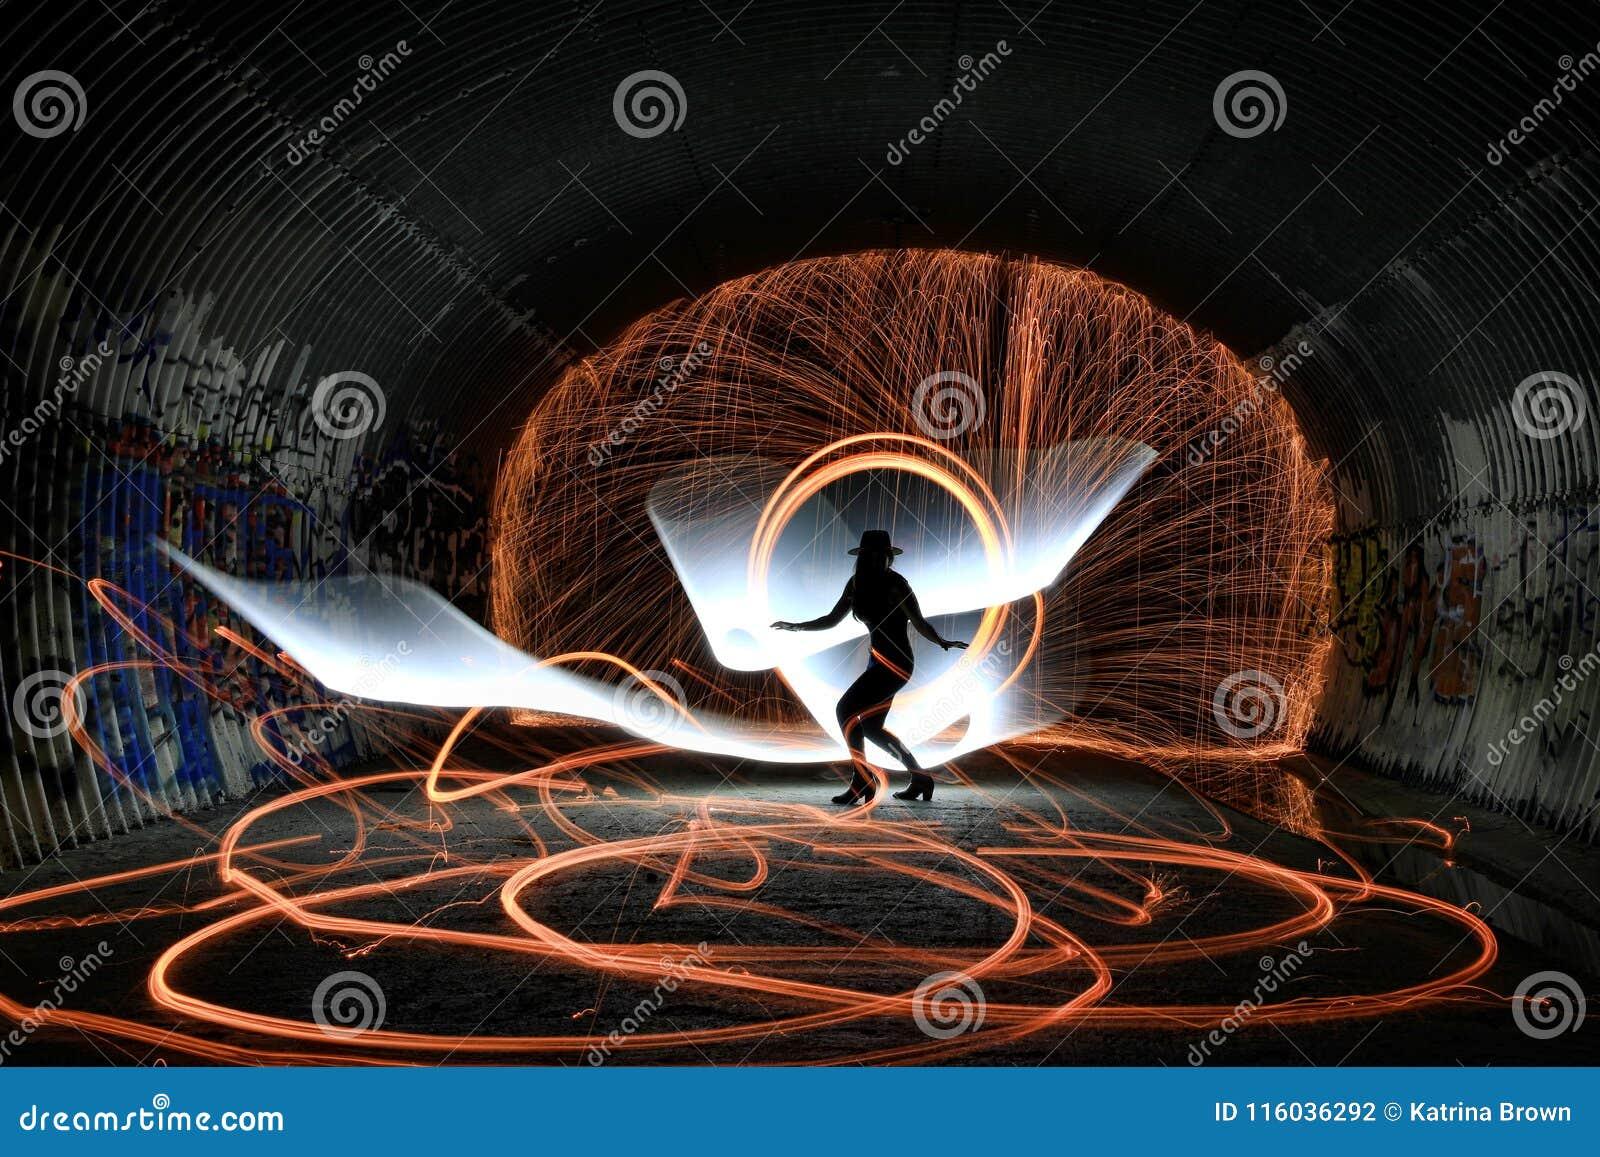 Уникально творческая светлая картина с освещением огня и трубки